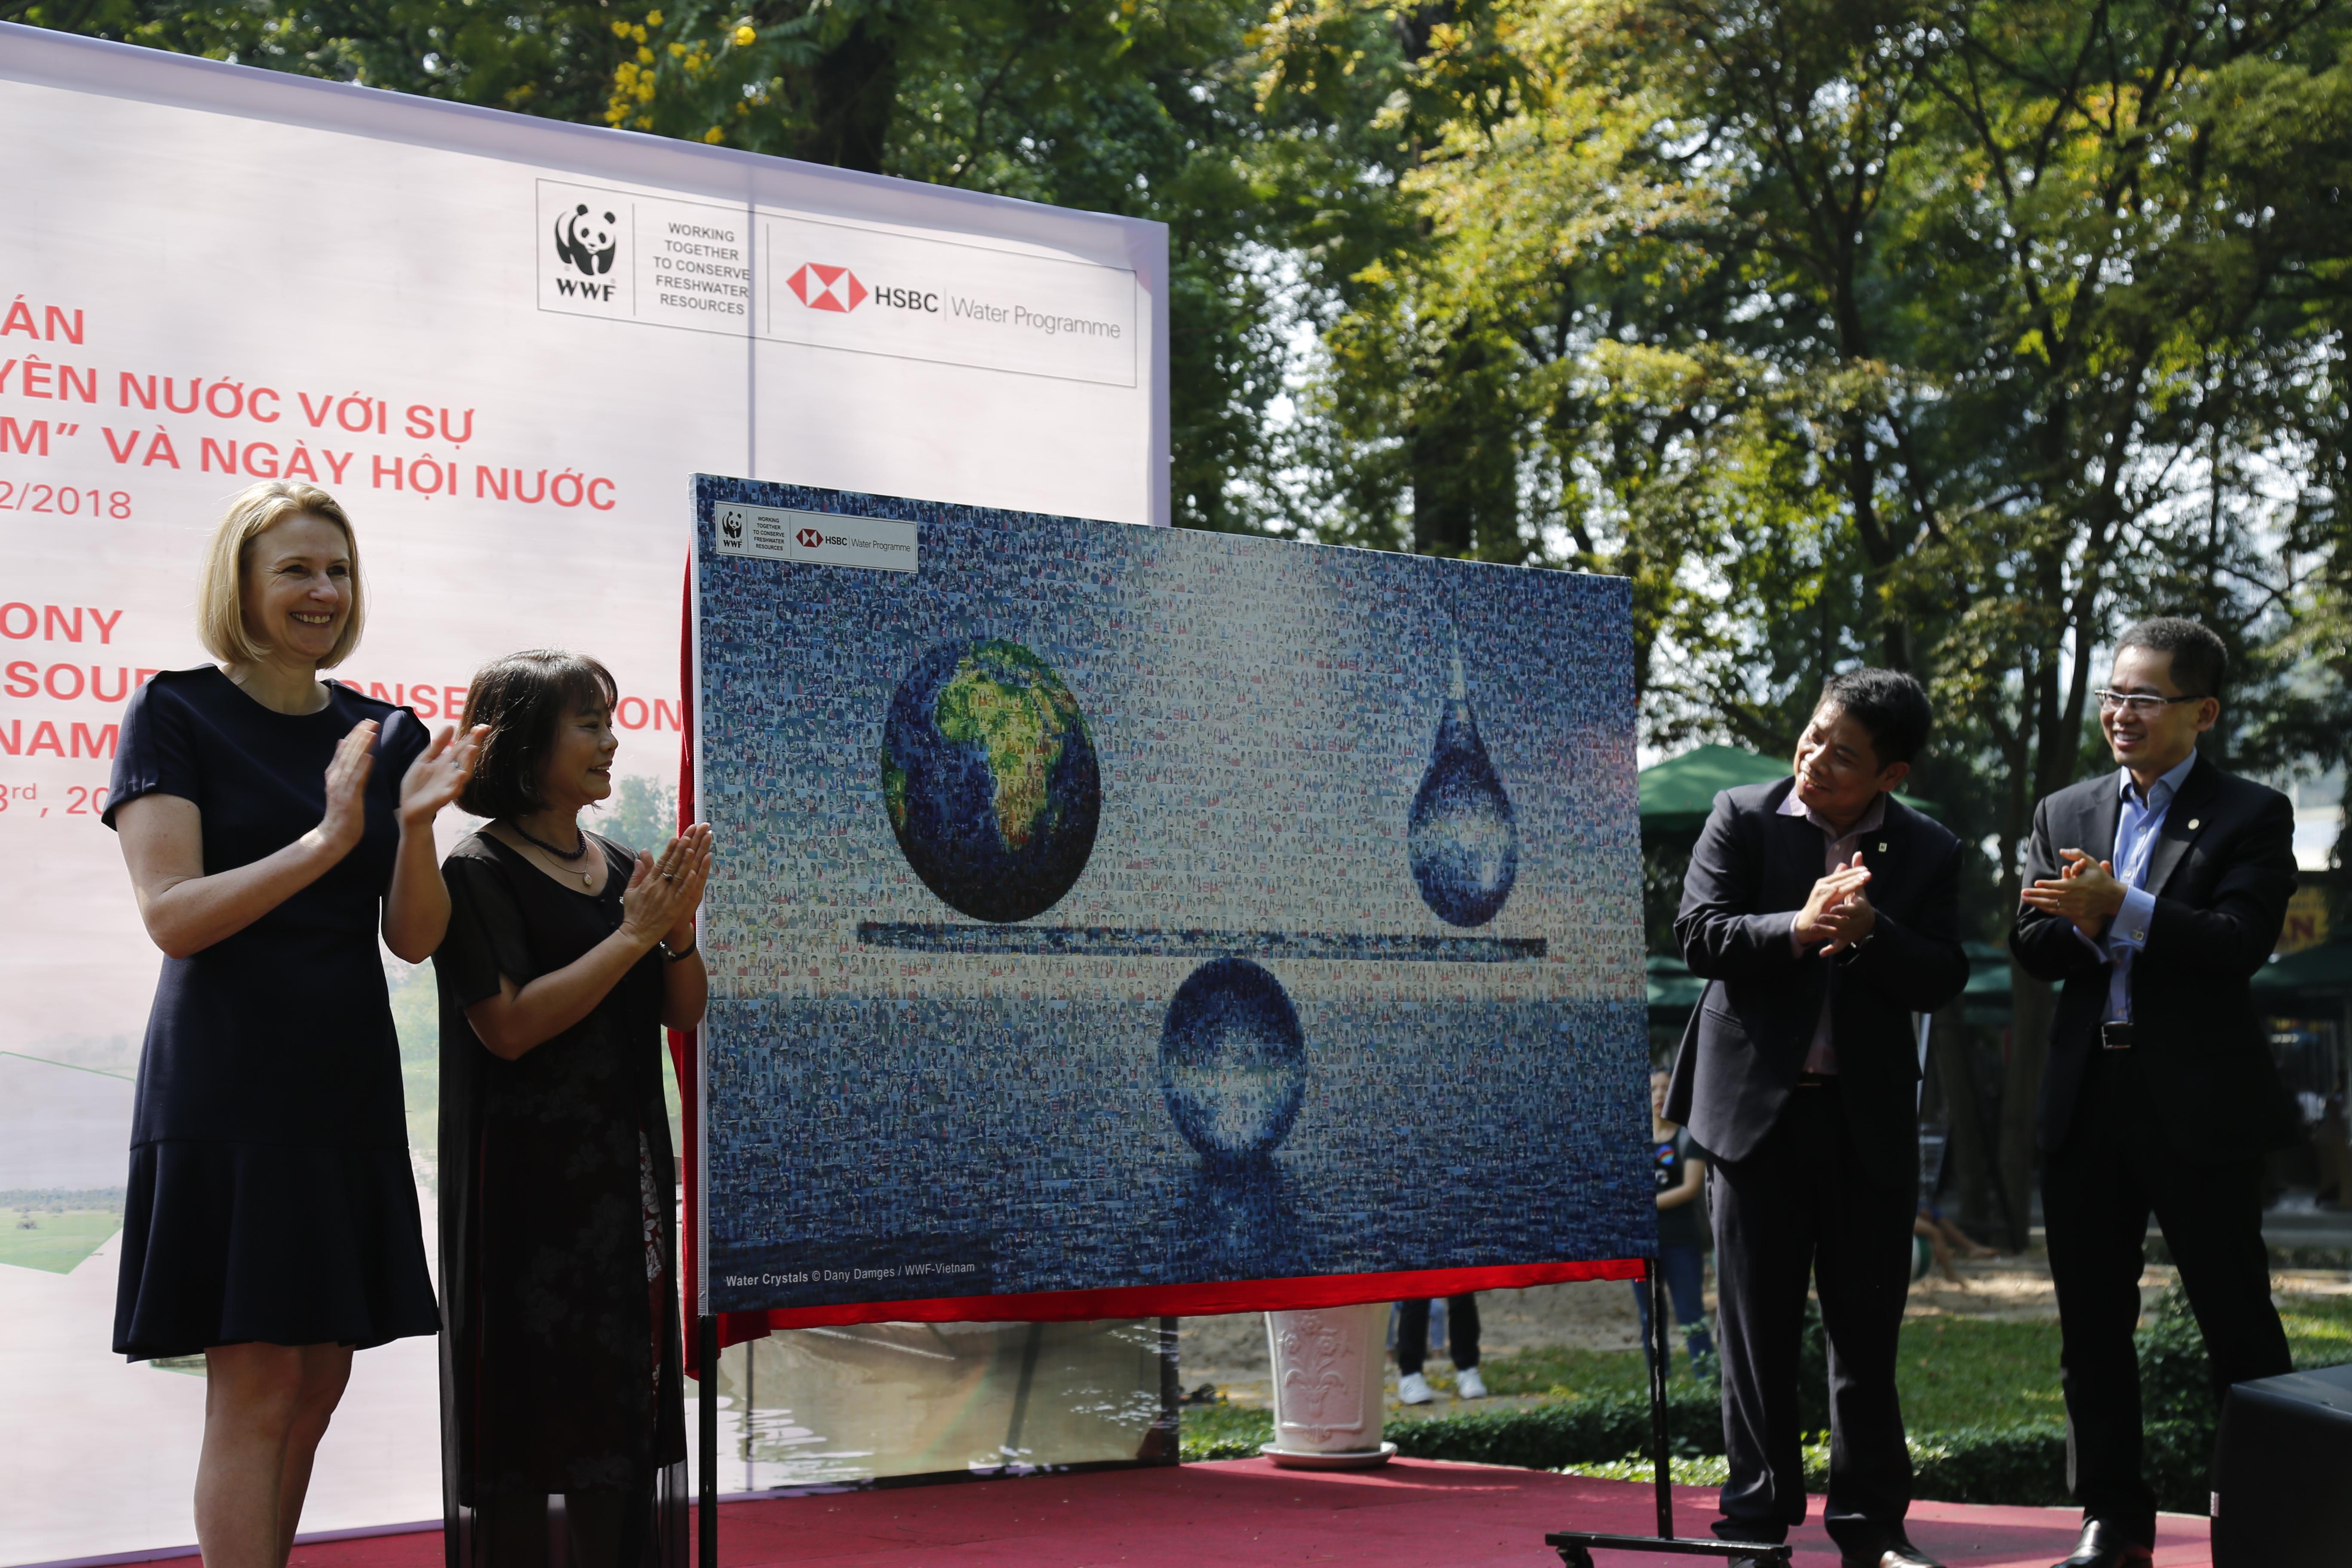 Ngân hàng HSBC Việt Nam cùng WWF bảo tồn và quản lý bền vững tài